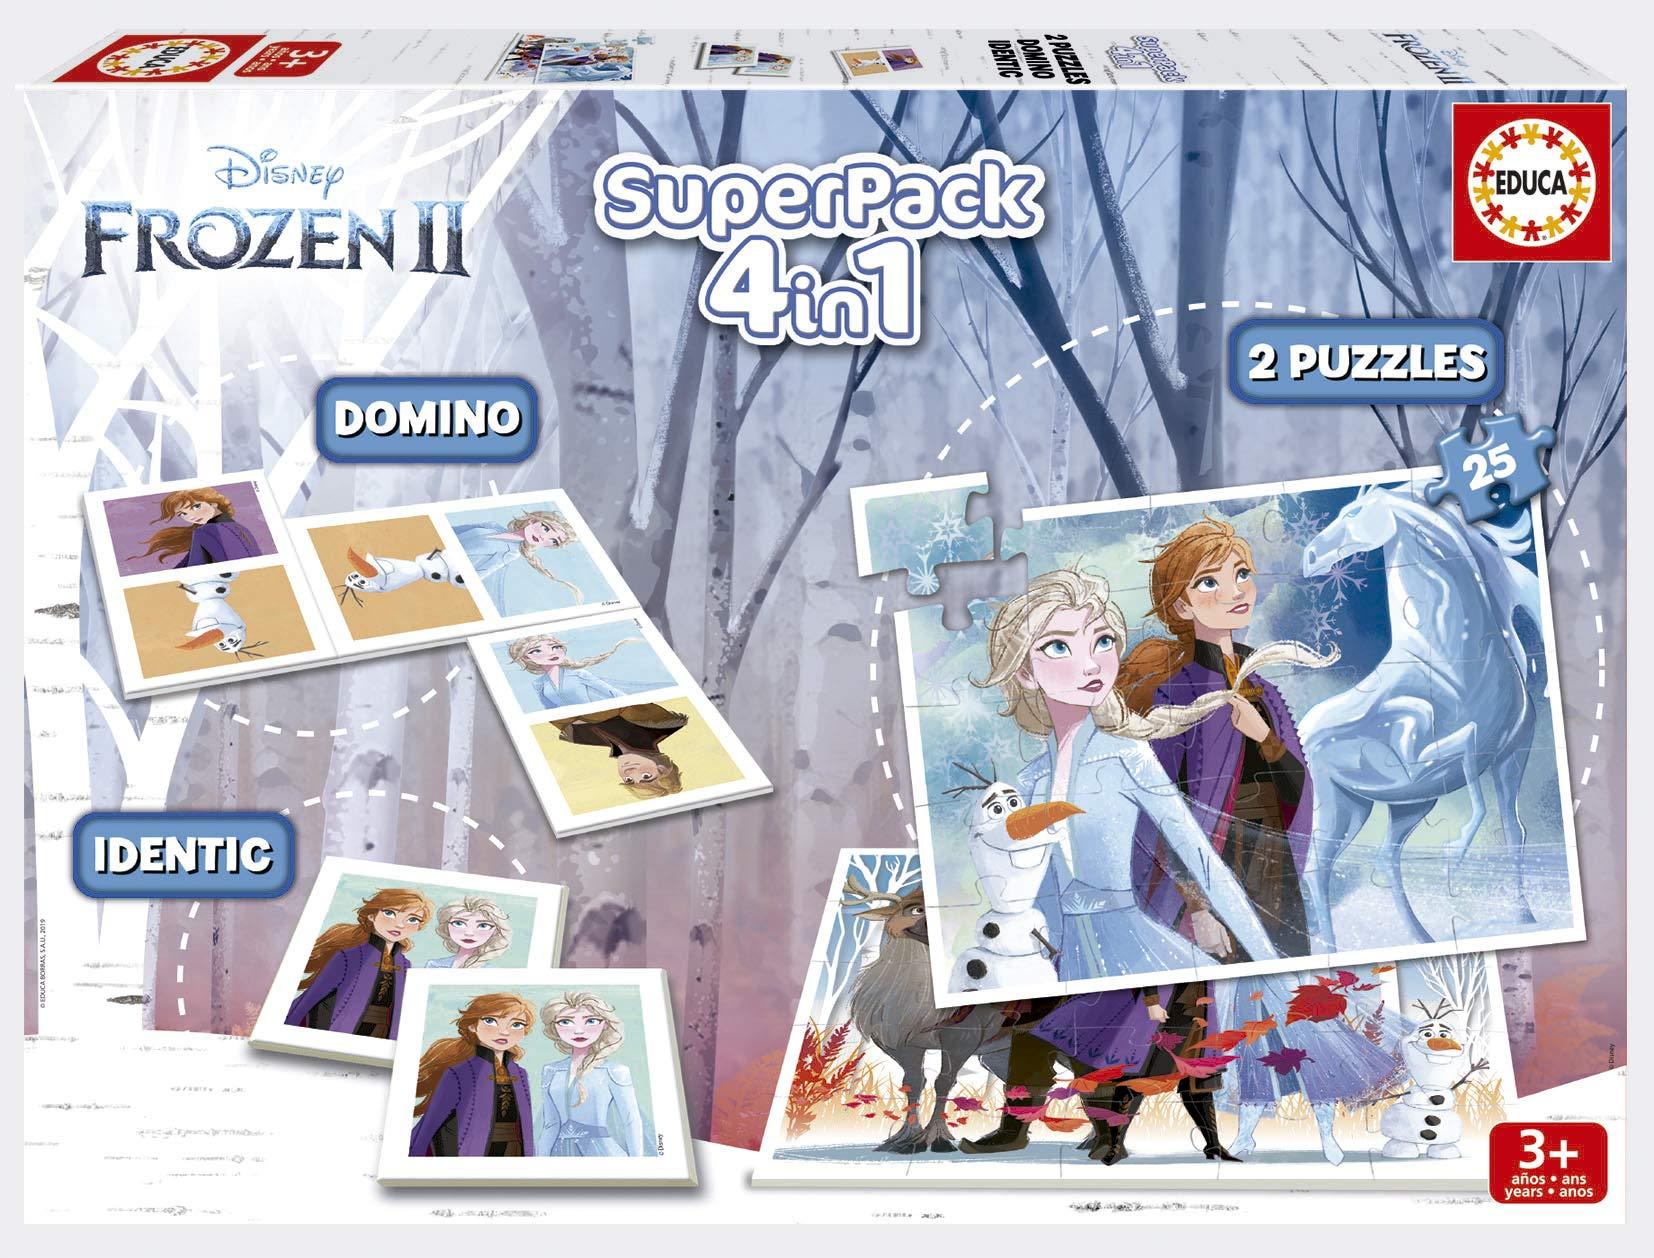 Educa Borrás- Frozen 2 Pack Contiene 2 Puzzles, 1 Juego de Memoria y 1 Domino, a Partir de 3 años, Color variado (18378) , color/modelo surtido: Amazon.es: Juguetes y juegos